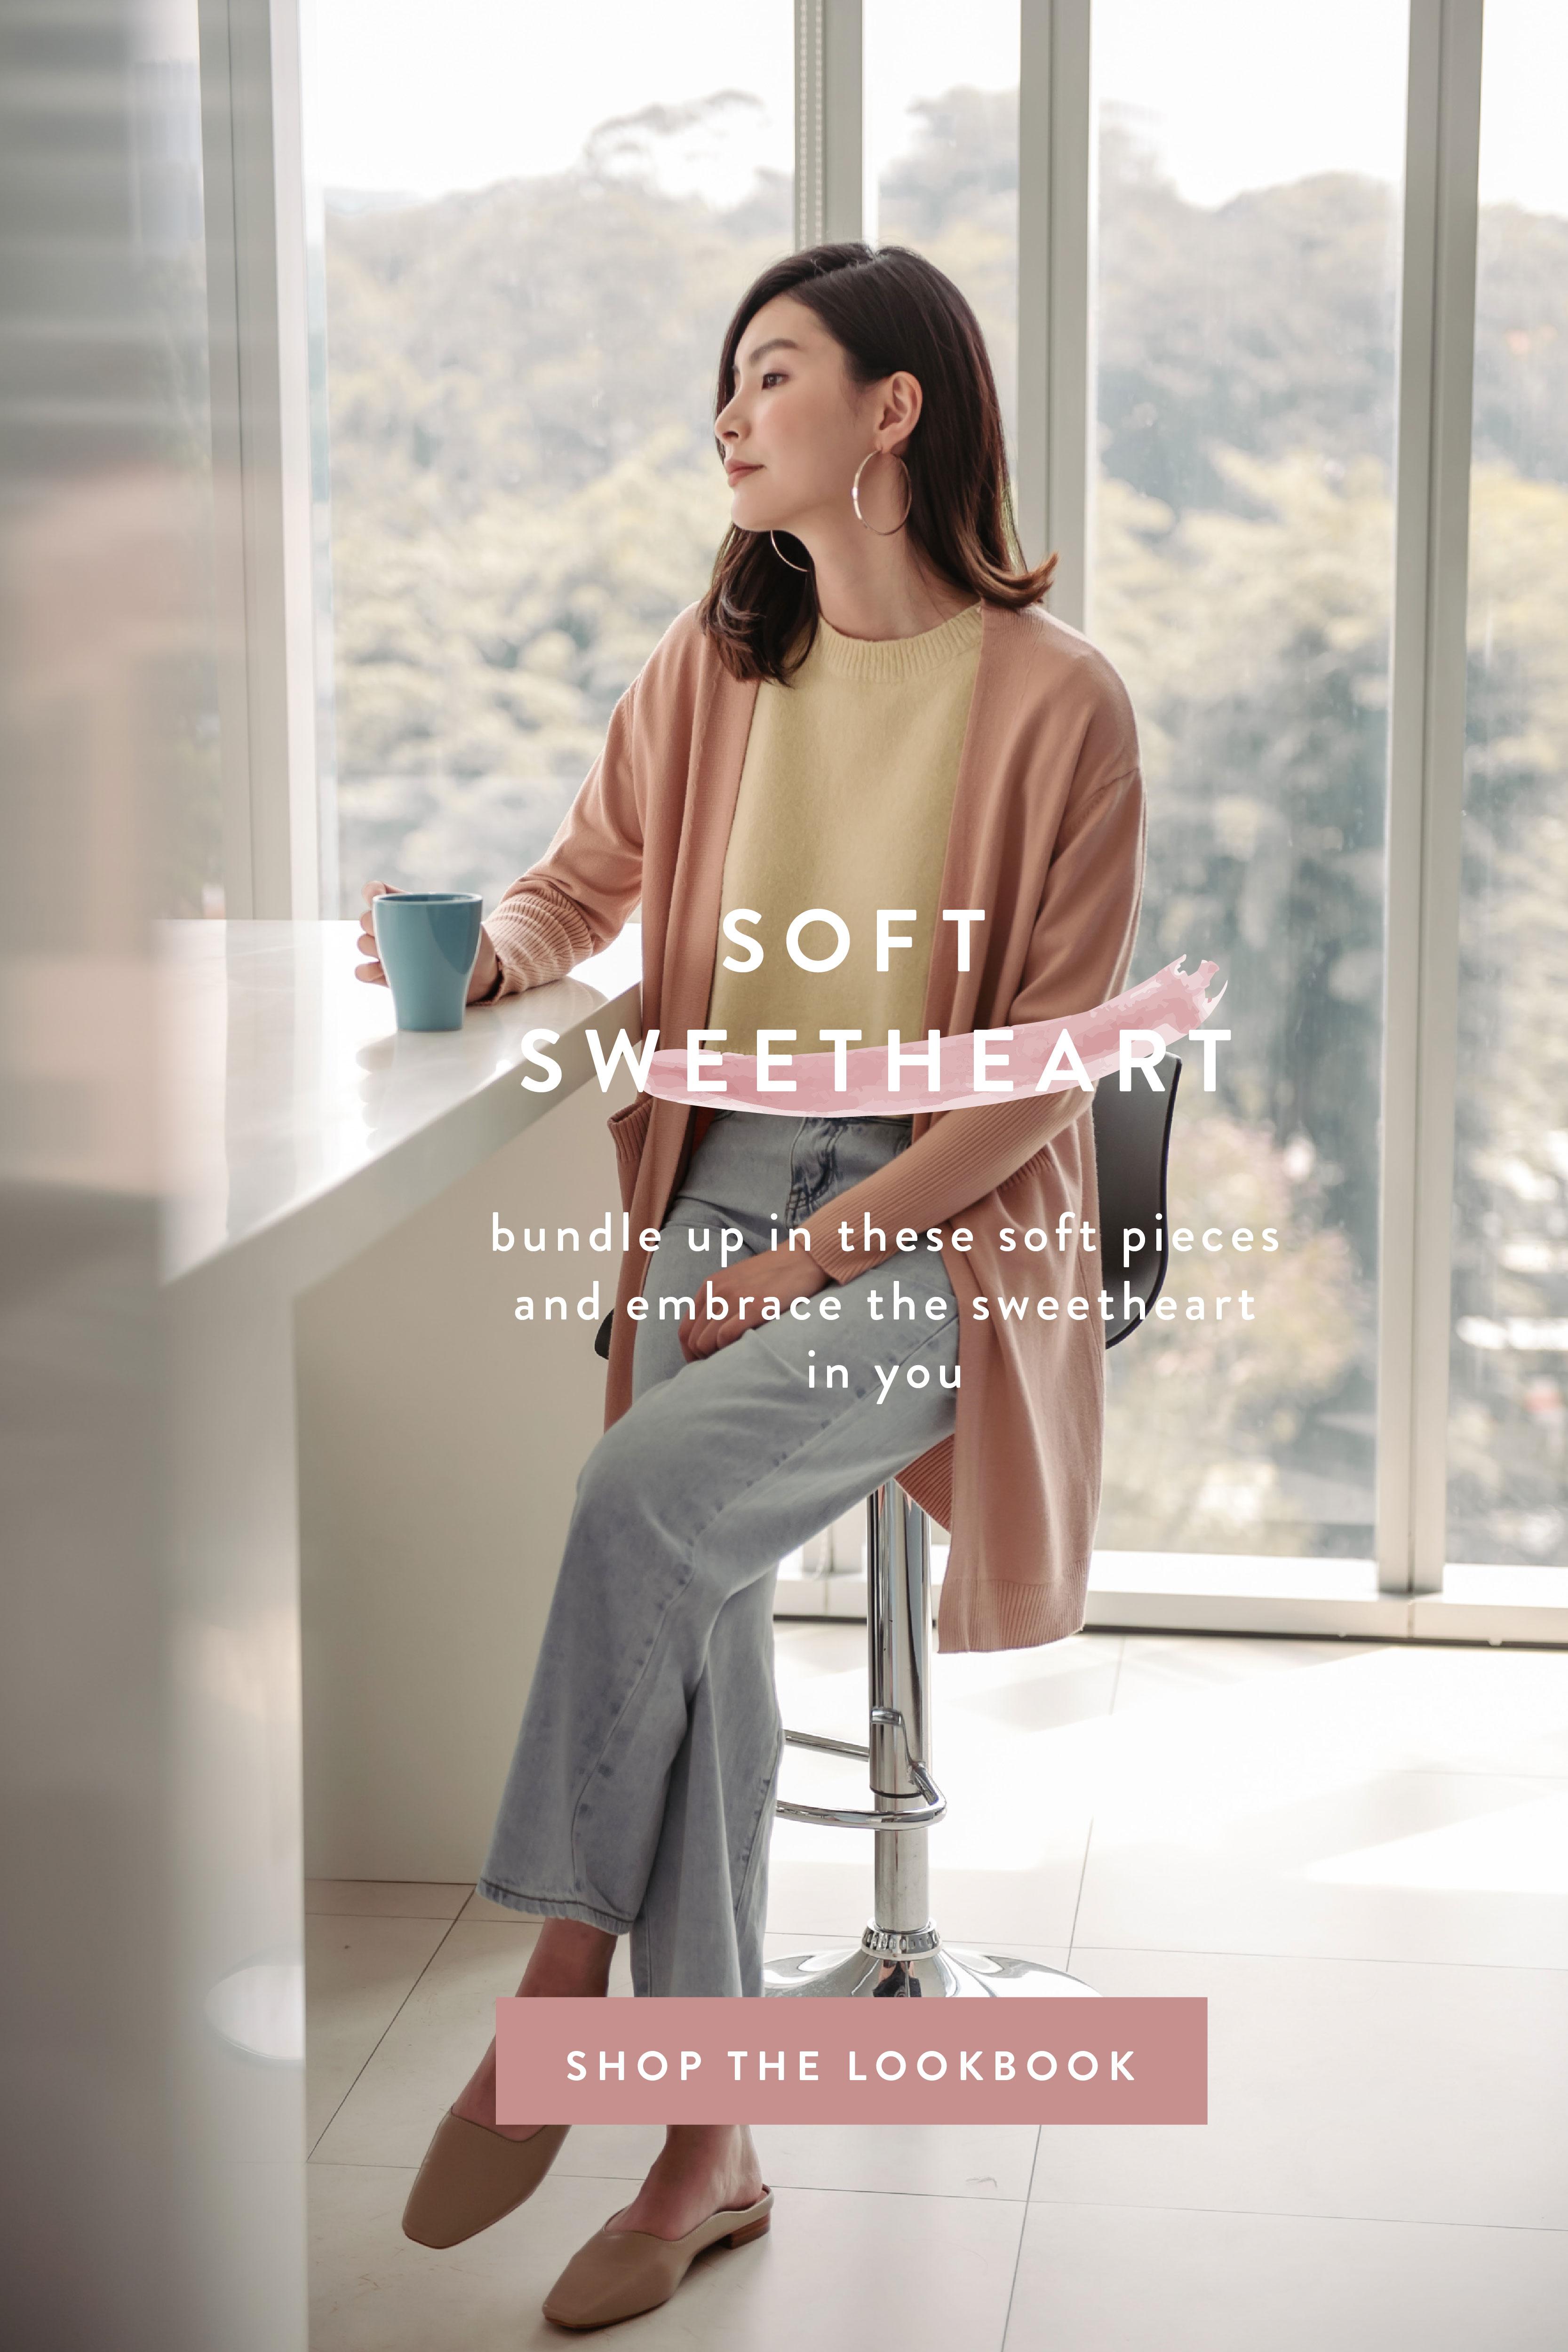 softsweetheart